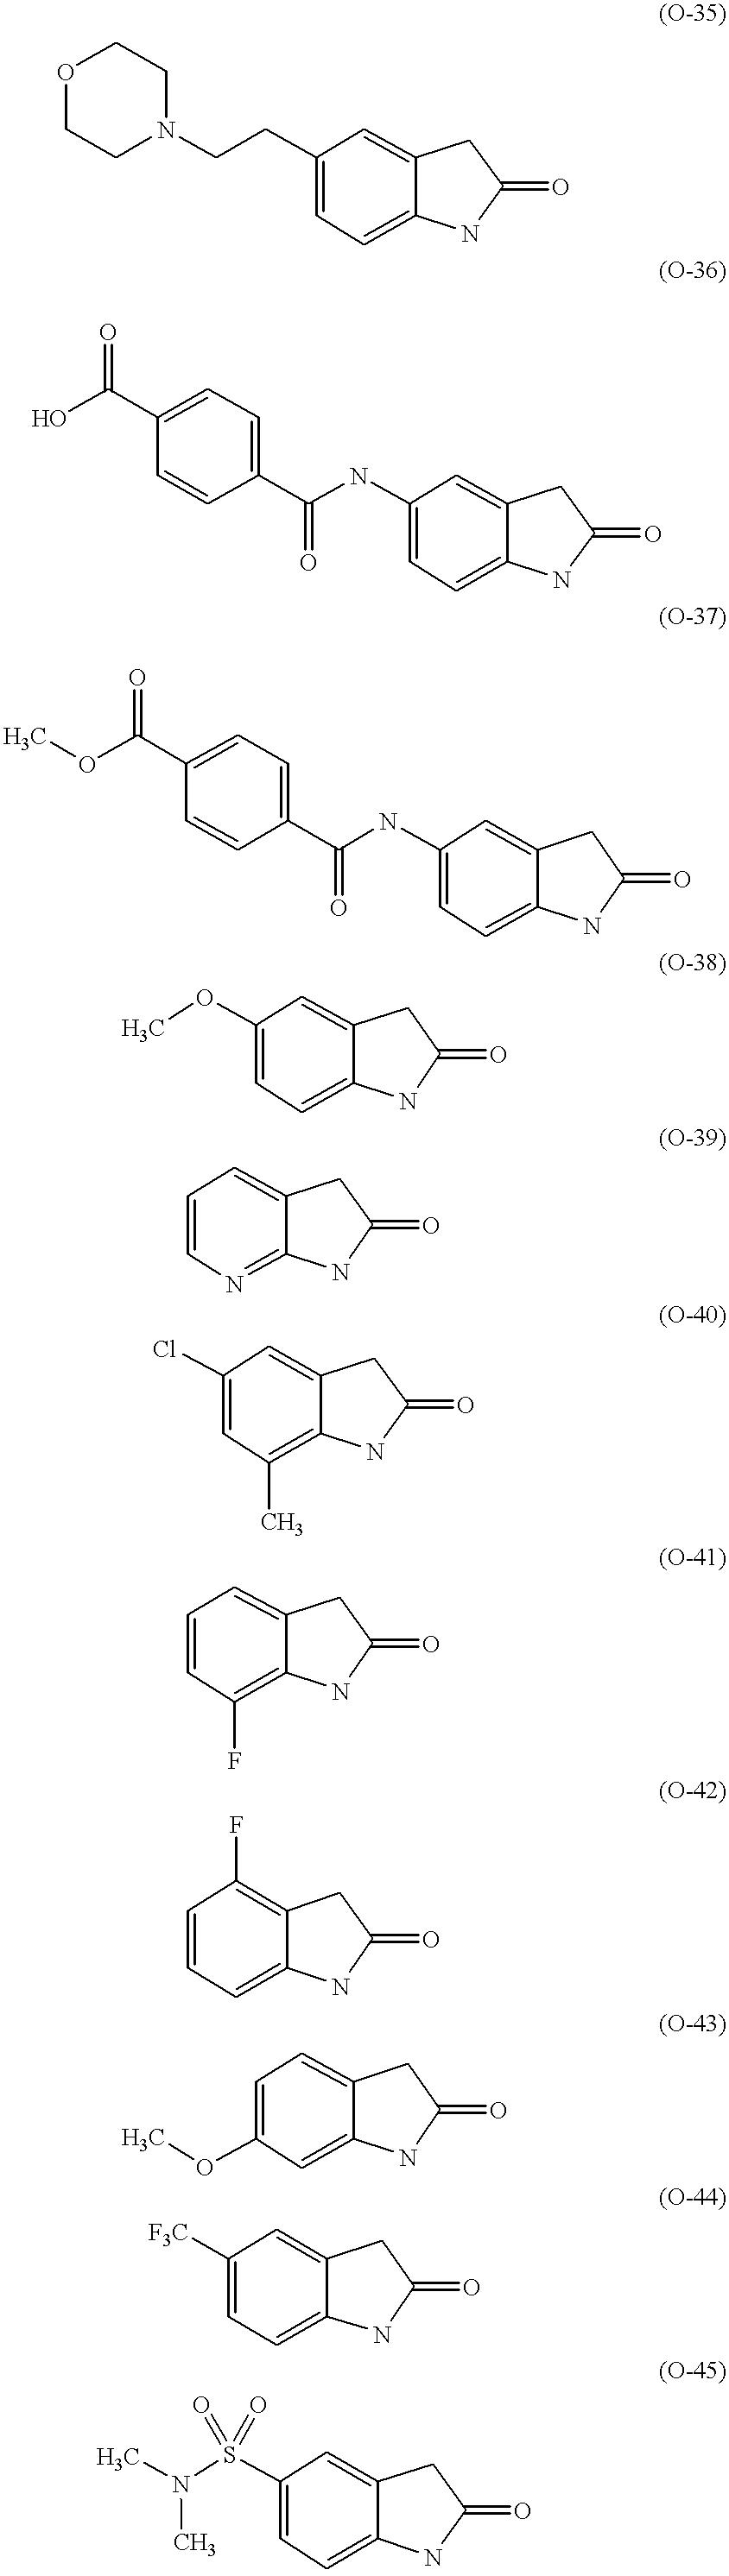 Figure US06514981-20030204-C00008